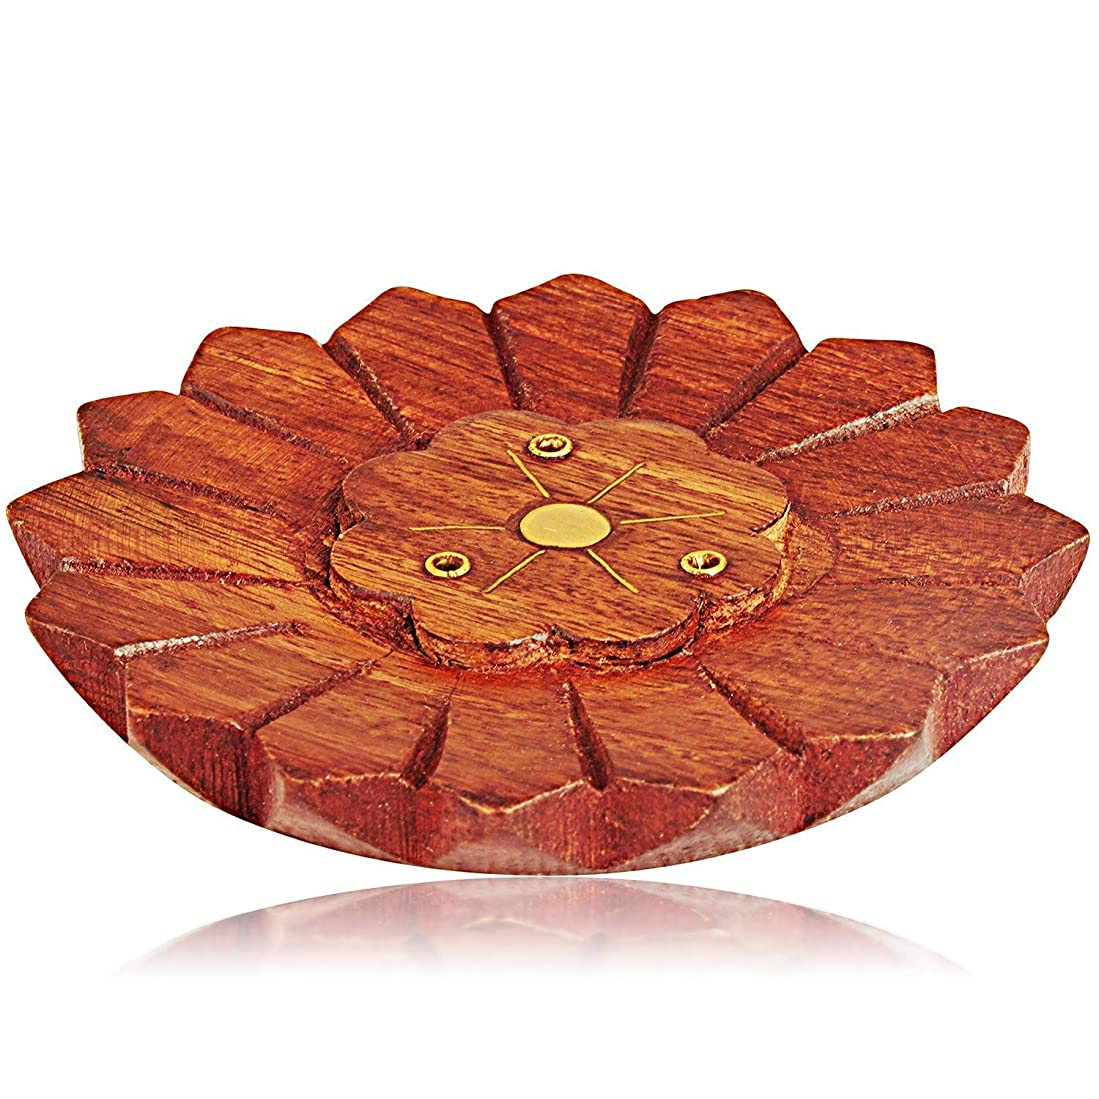 優しさ超えてギネス母の日ギフト木製お香スティックバーナーホルダー有機Eco Friendly AshキャッチャートレイAgarbattiホルダー素朴なスタイル手彫りの瞑想ヨガアロマテラピーHome Fragrance製品